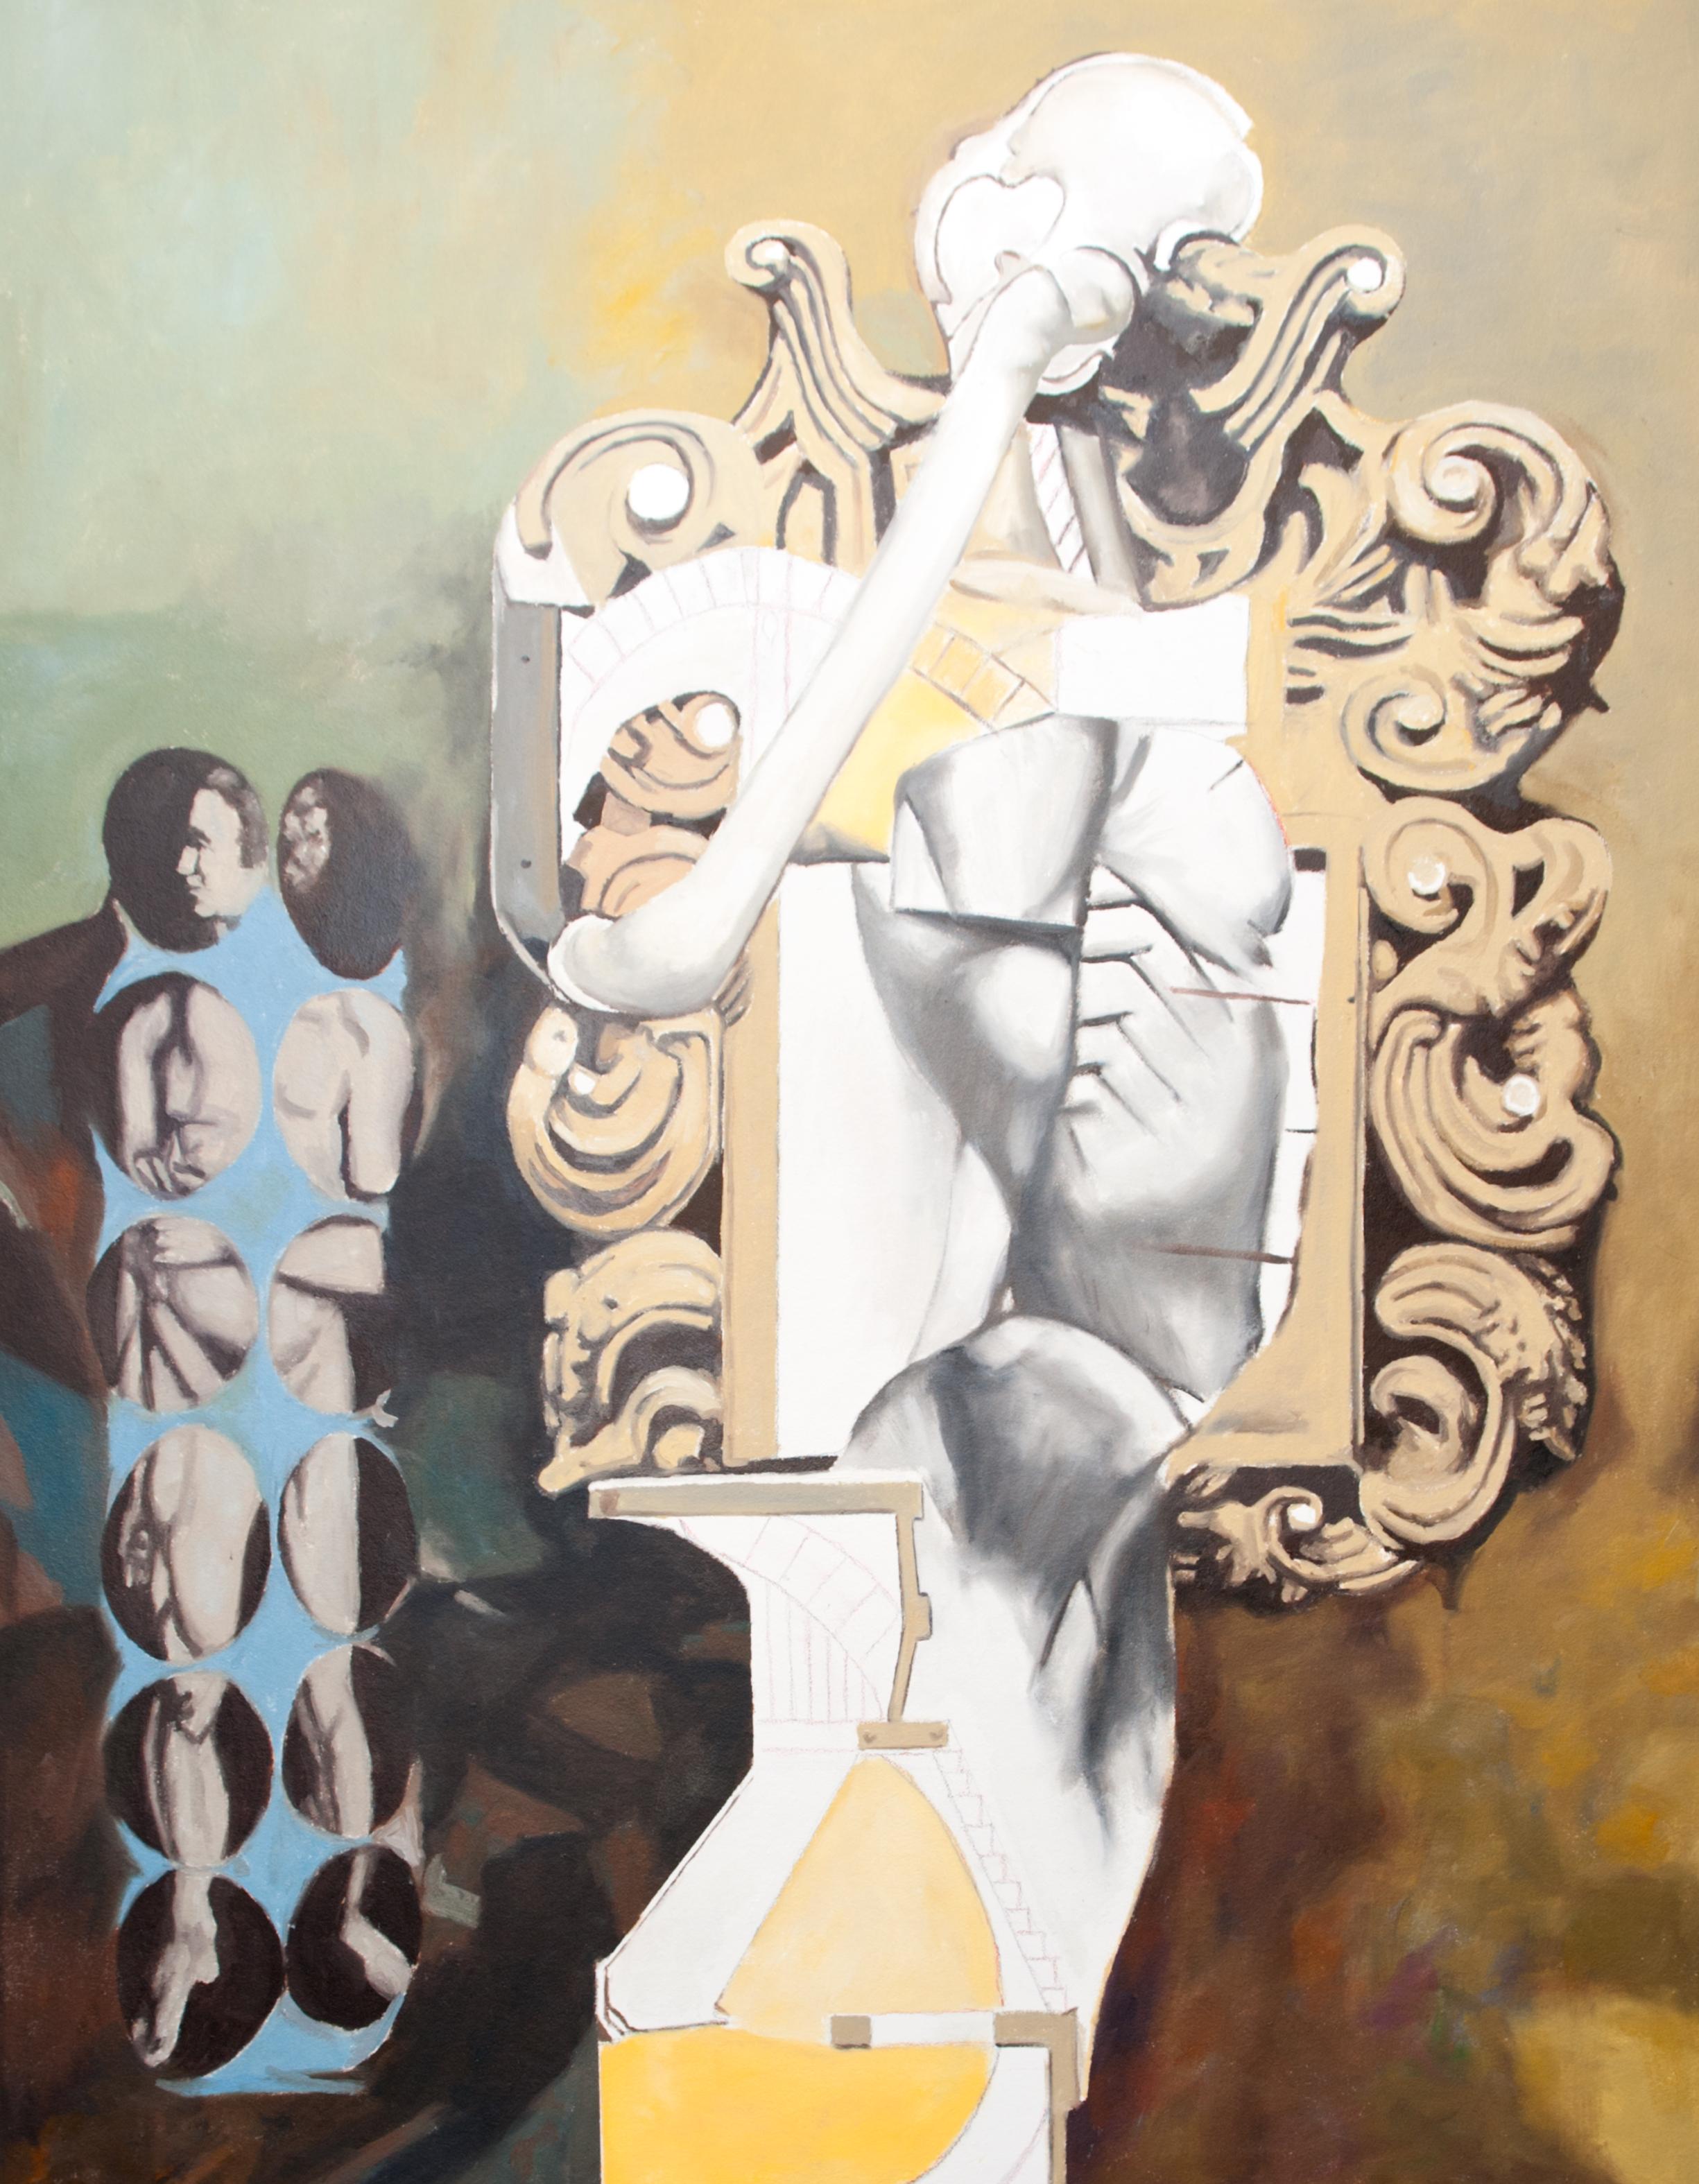 Reproduktion av Claes-Åke Schlönzig - Endre Nemes - Encounter with the baroque -1968